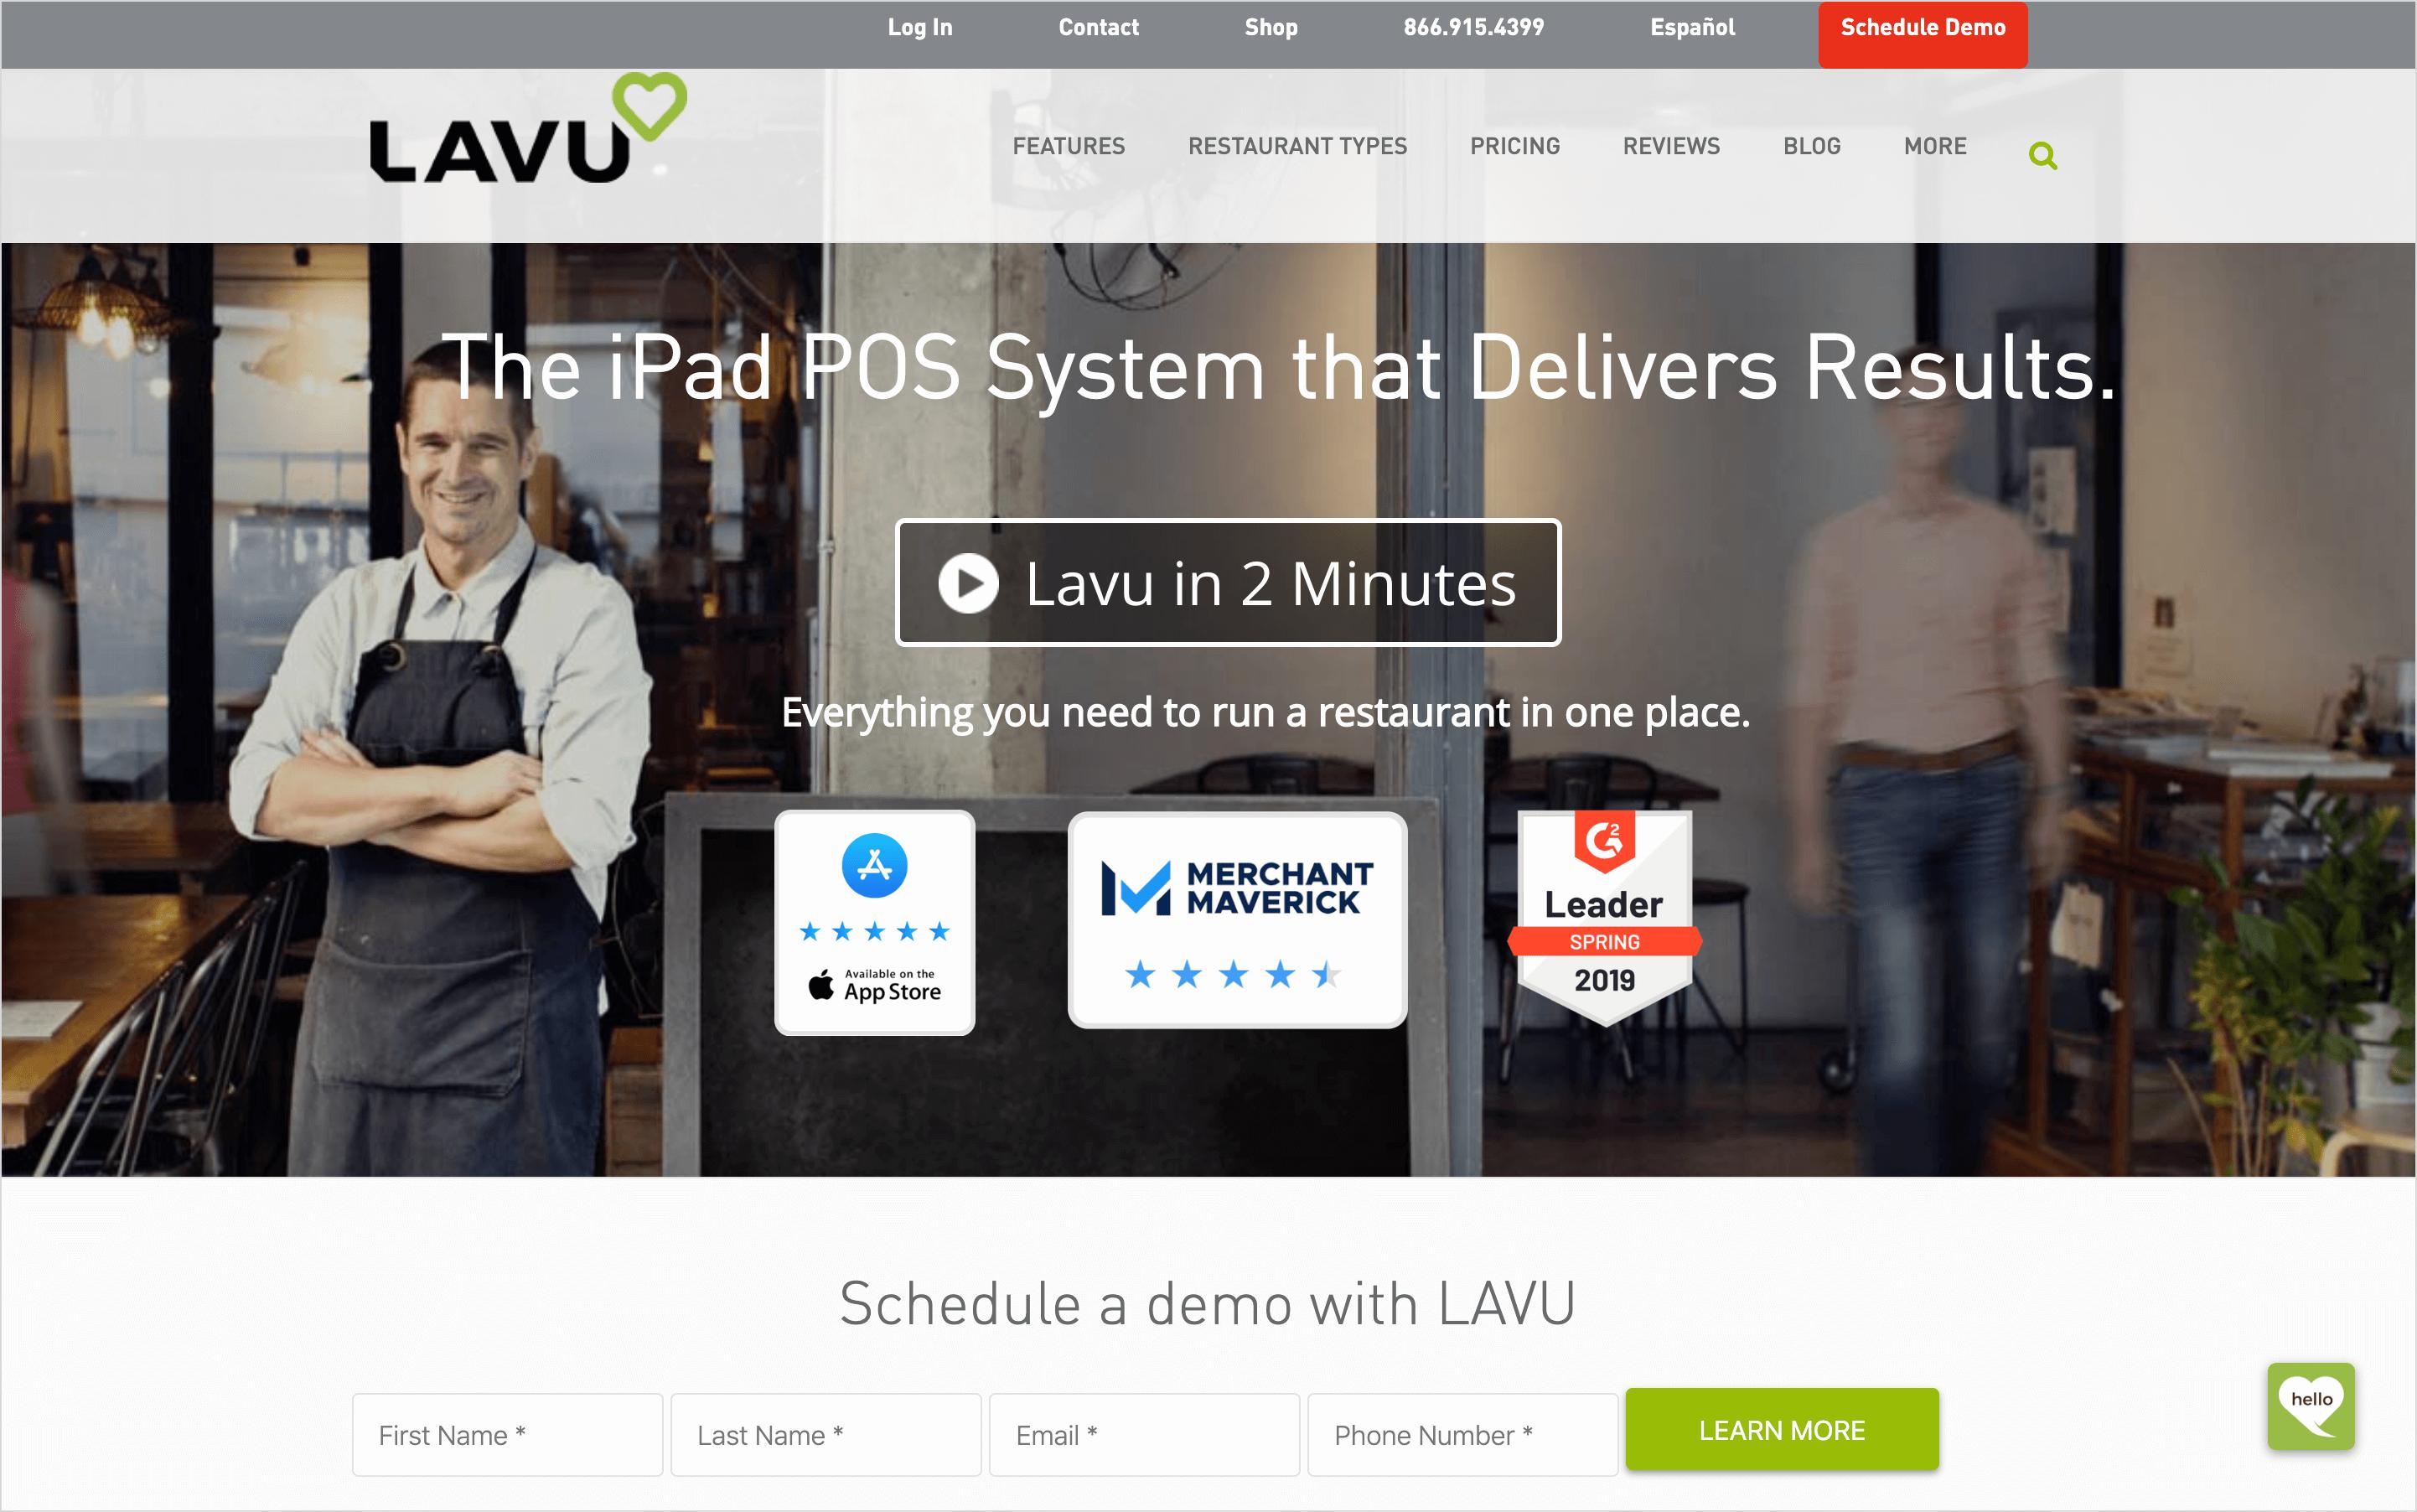 lavu homepage